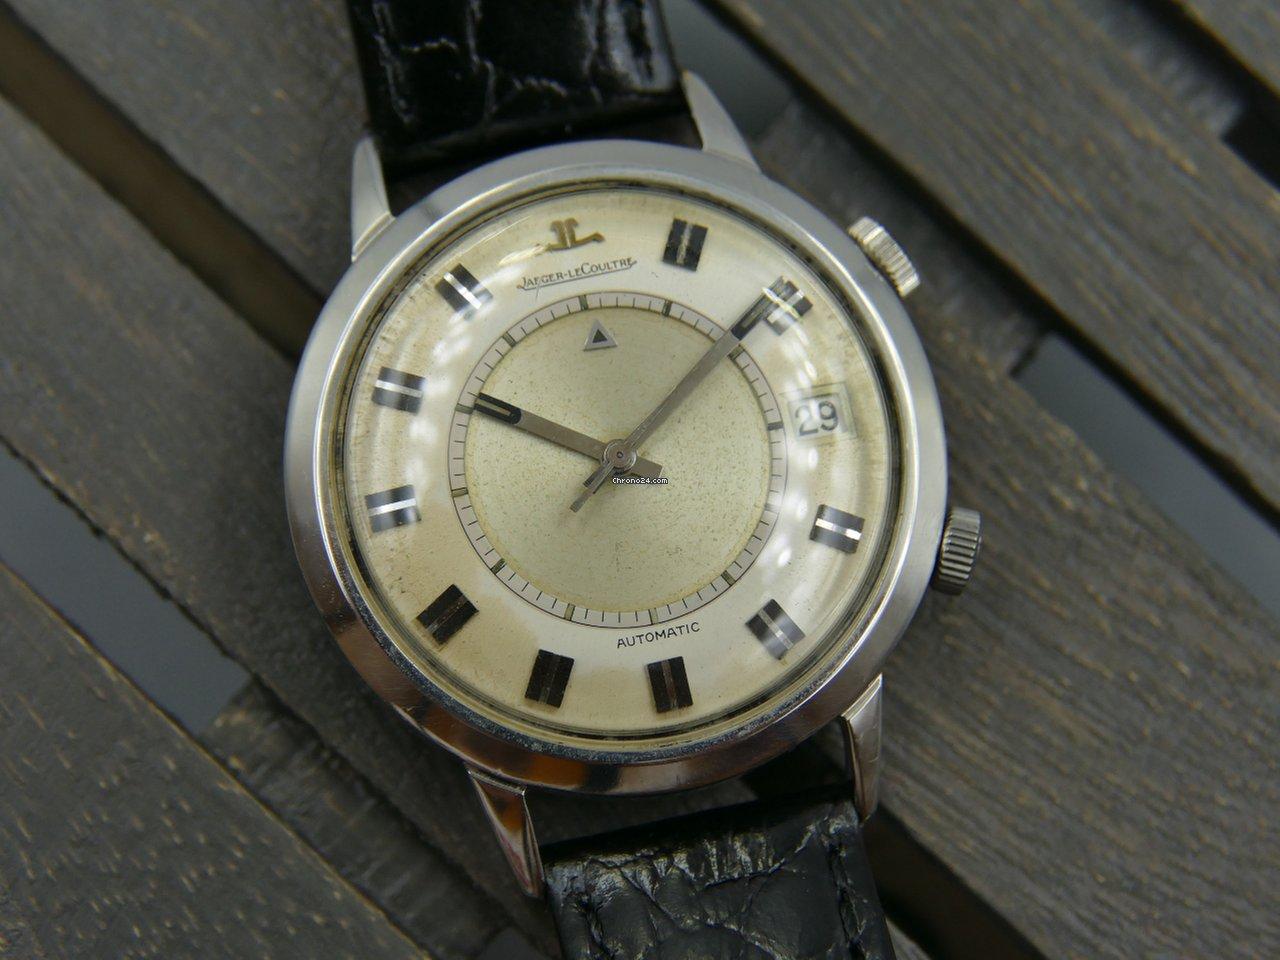 314fc374cb3 Relógios Jaeger-LeCoultre usados - Compare os preços de relógios  Jaeger-LeCoultre usados